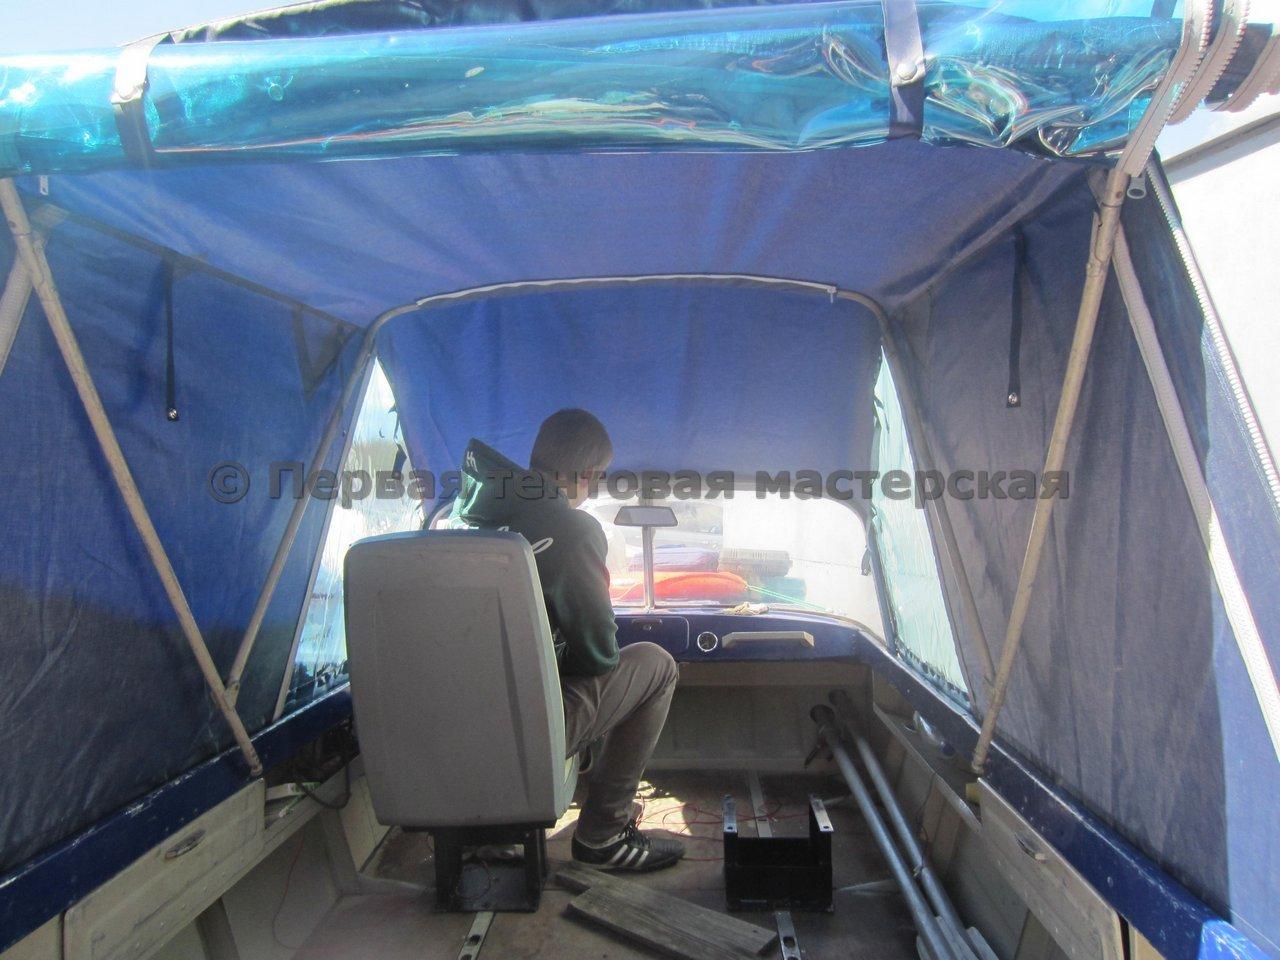 tents1405_004